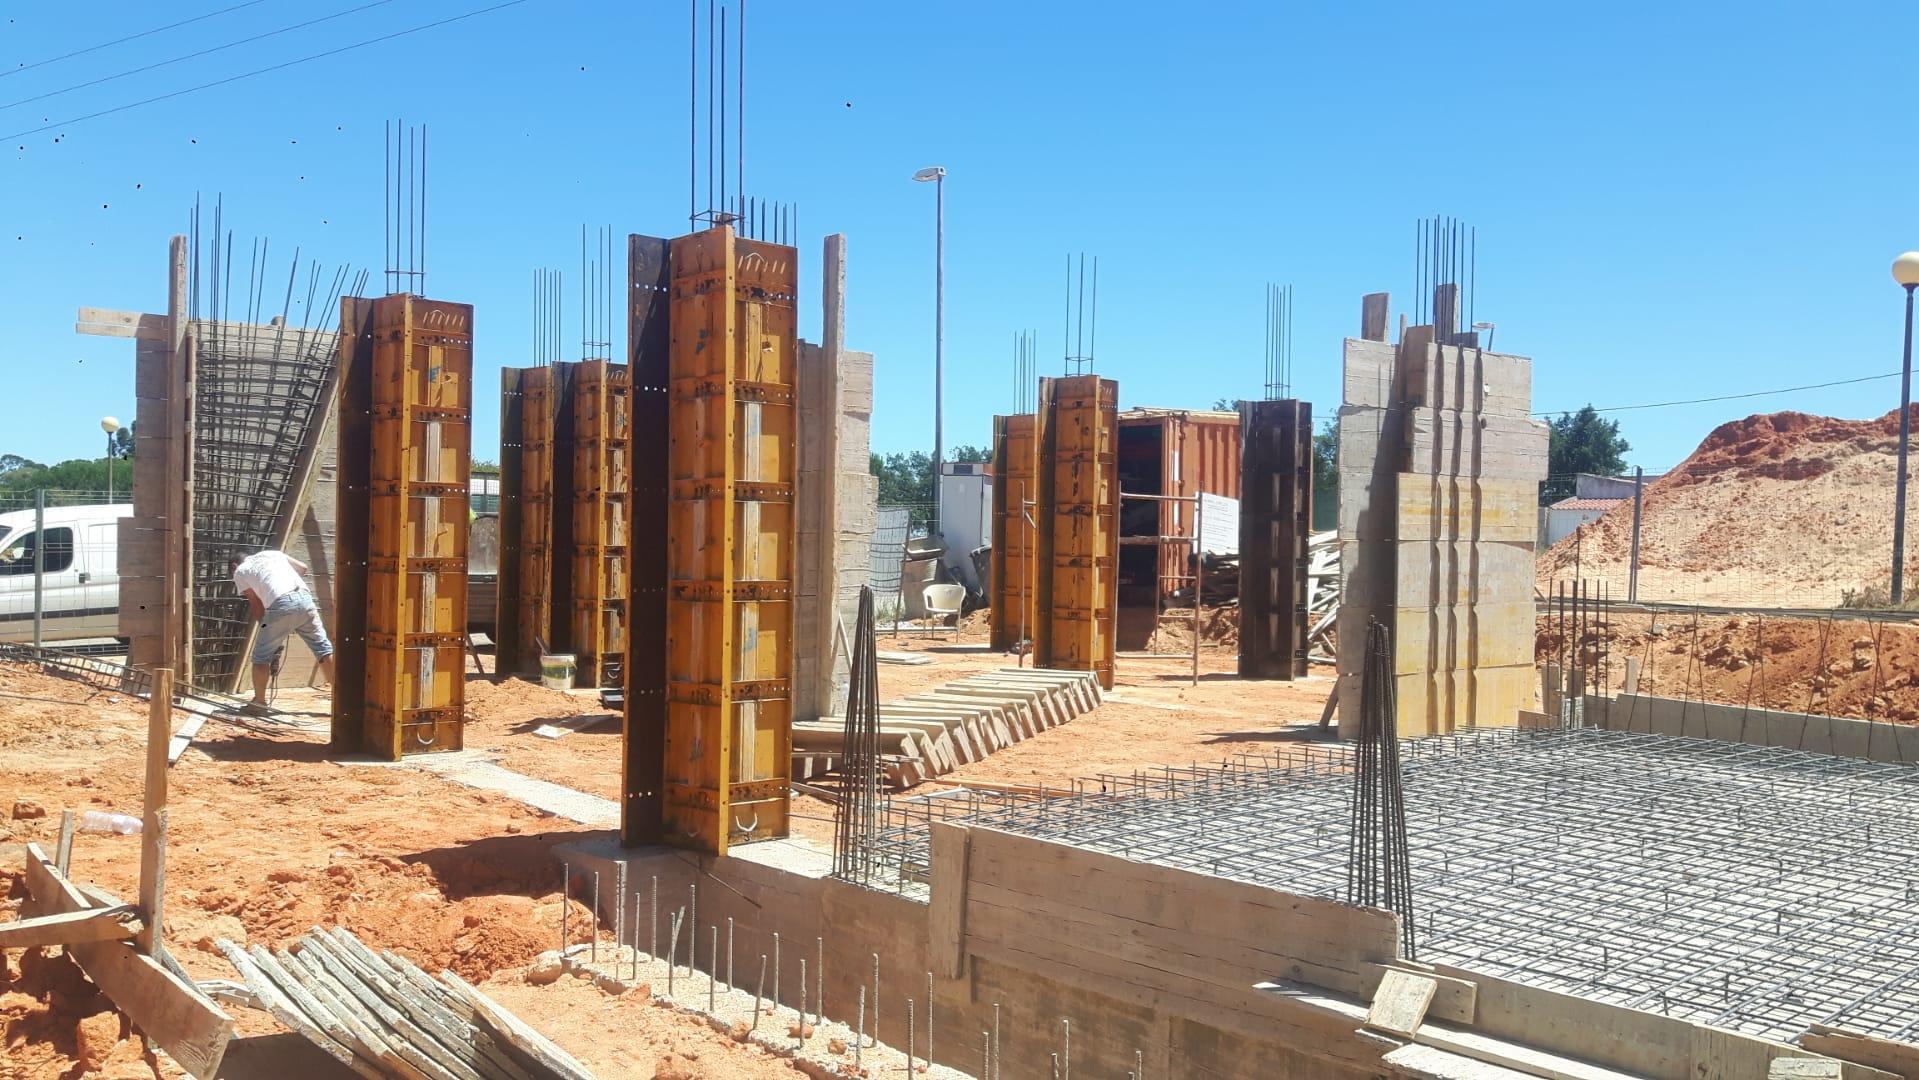 Náš portugalský domov ❤️🏡 - 2. Júl 2021 Príprava na zalievanie stropu pivnice a monolitických nosných stĺpov